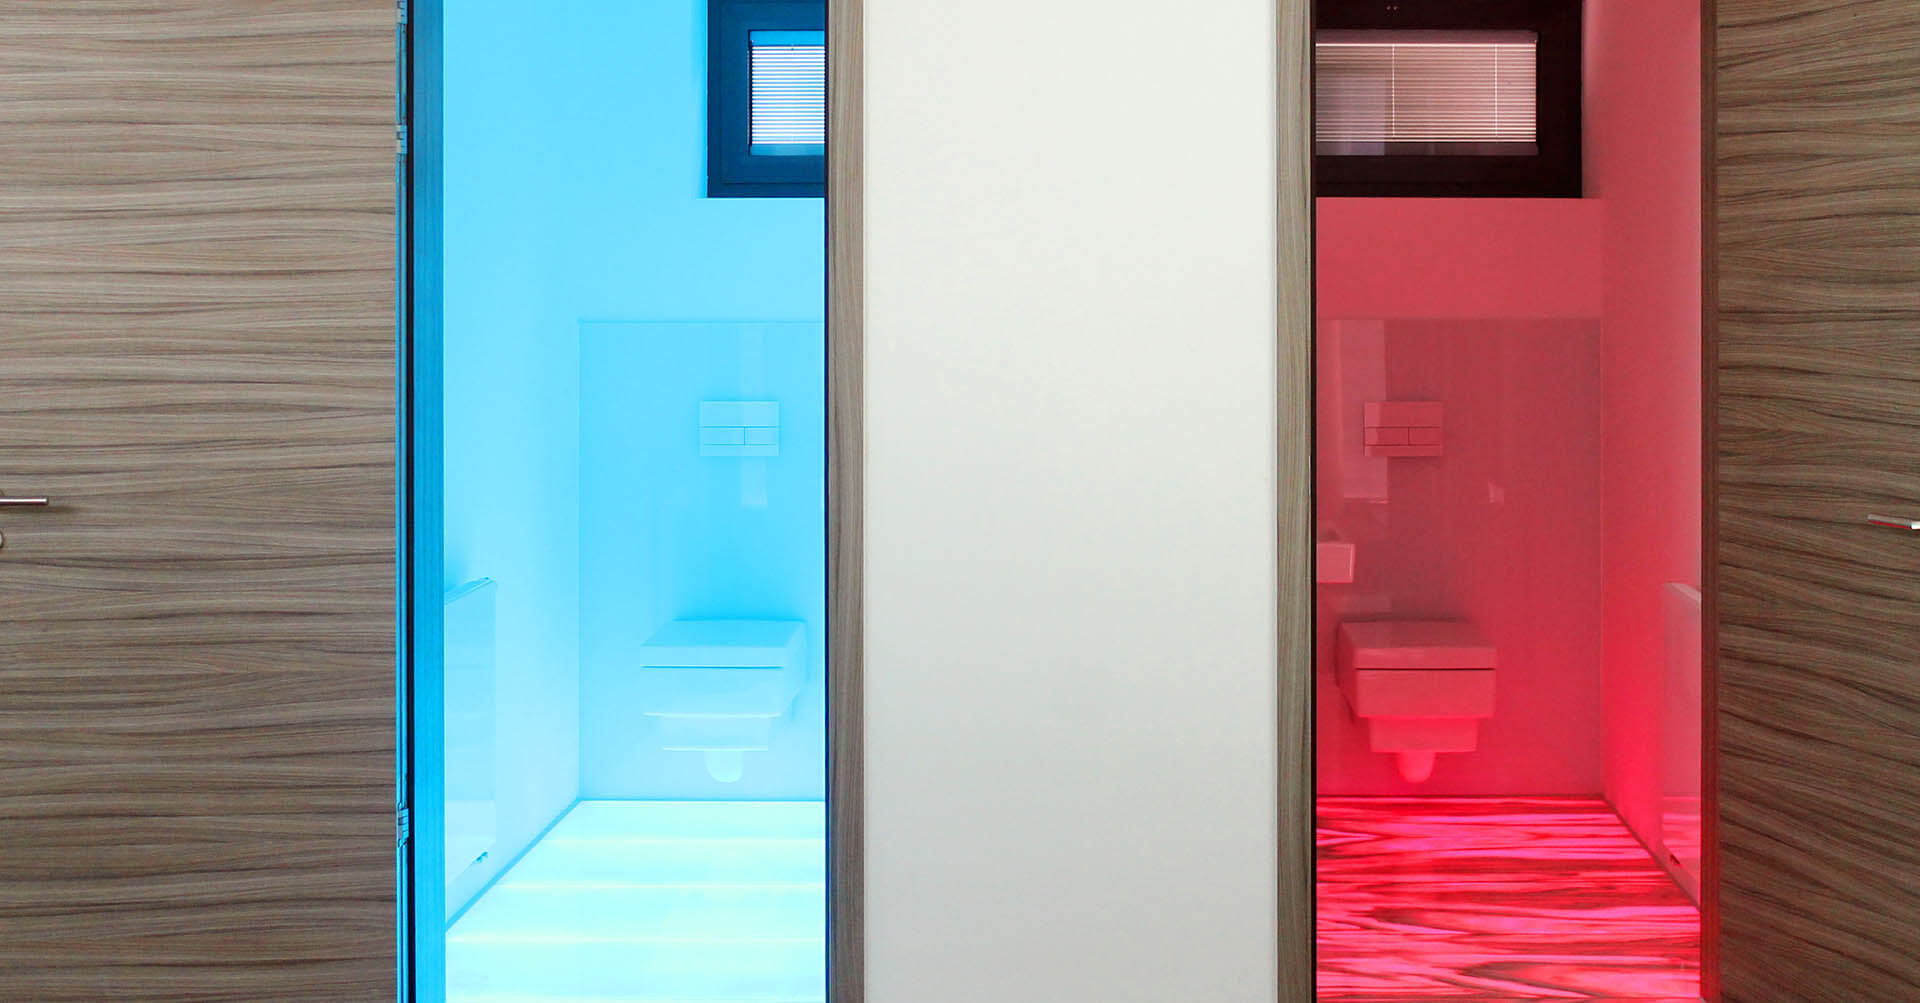 LED Bodenbeleuchtung, LED-Flächenlicht